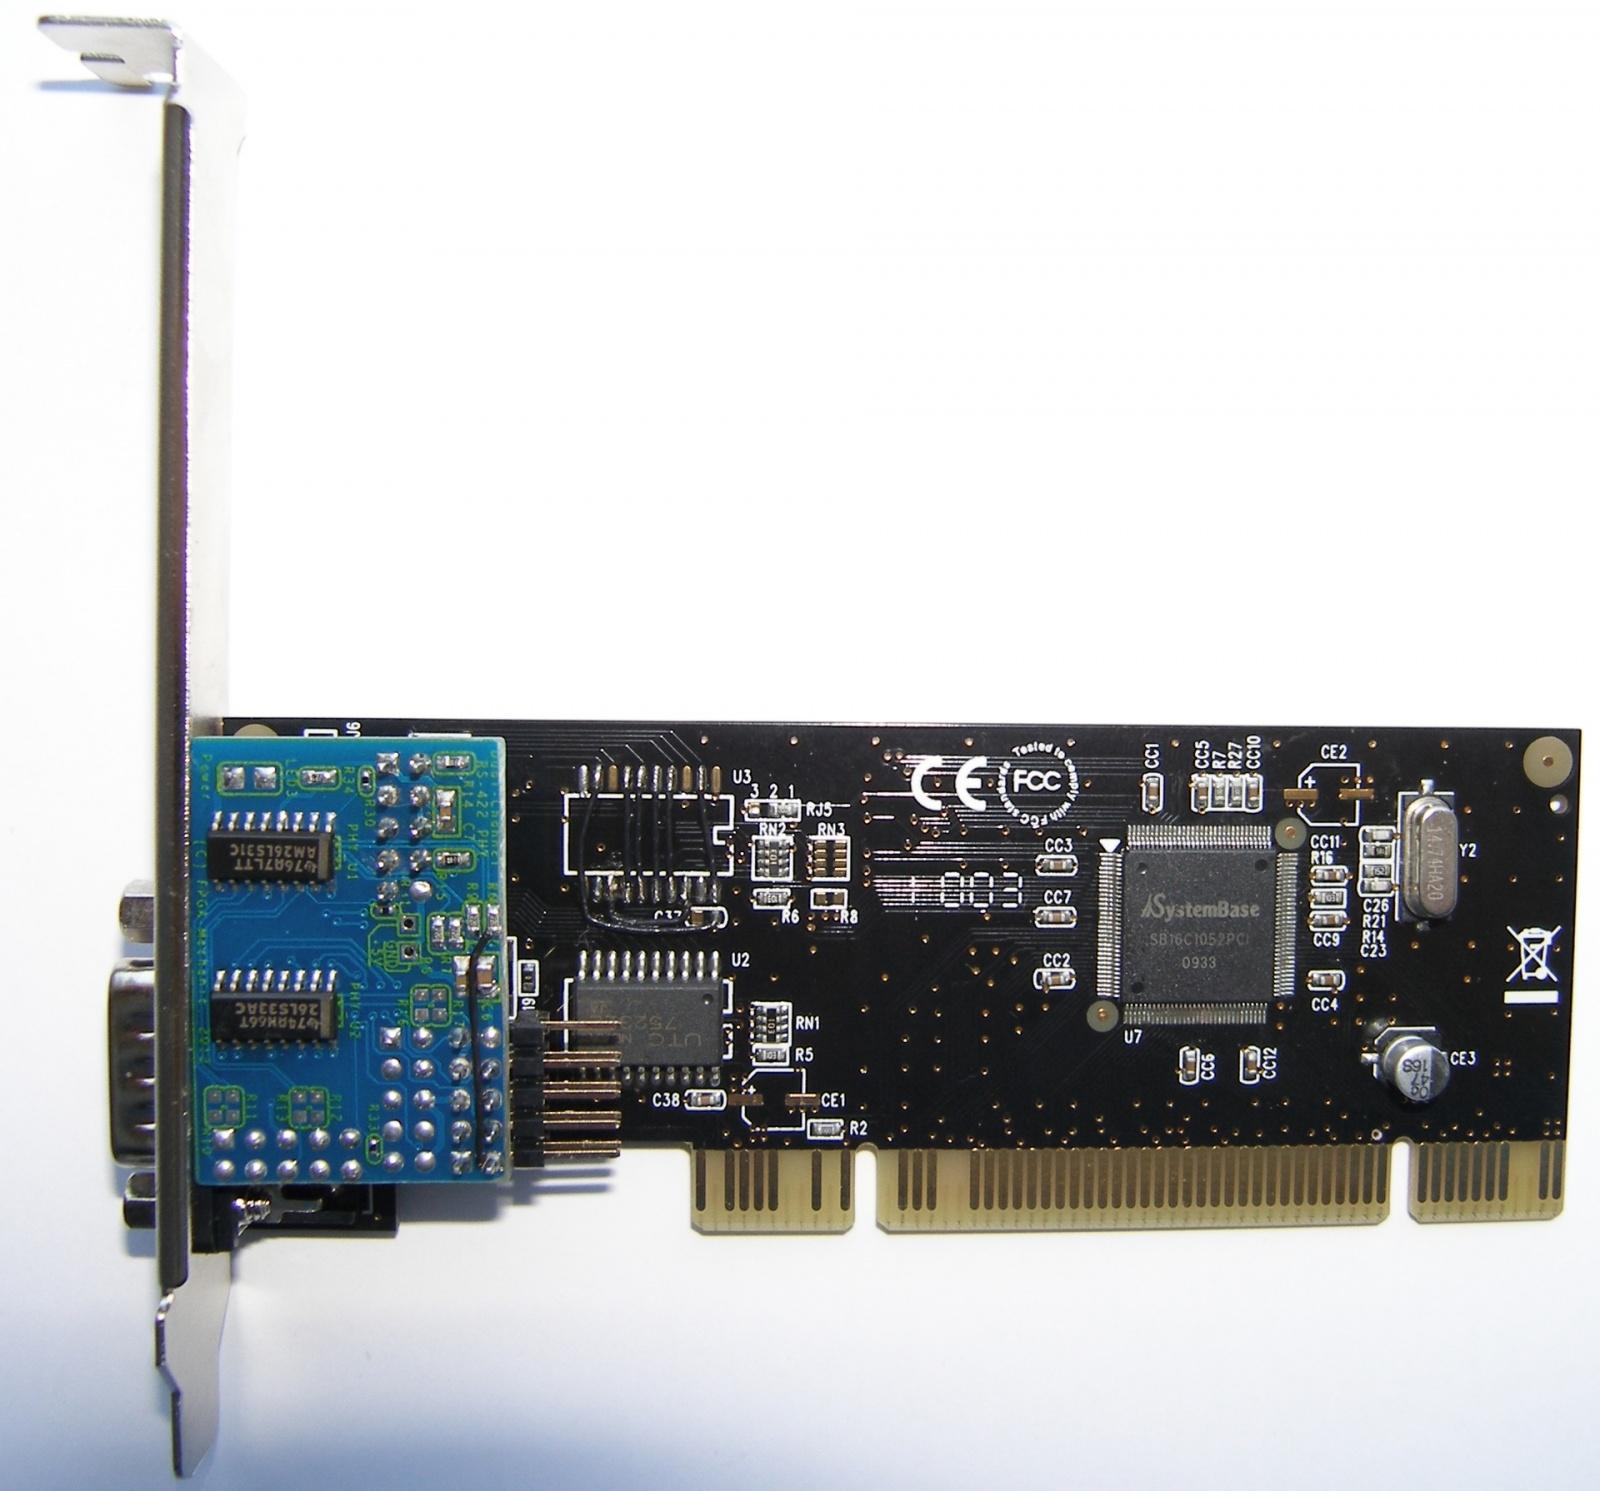 Адаптеры сопряжения RS-422 с поддержкой скоростей до 1Мбод для системной шины PCI - 28